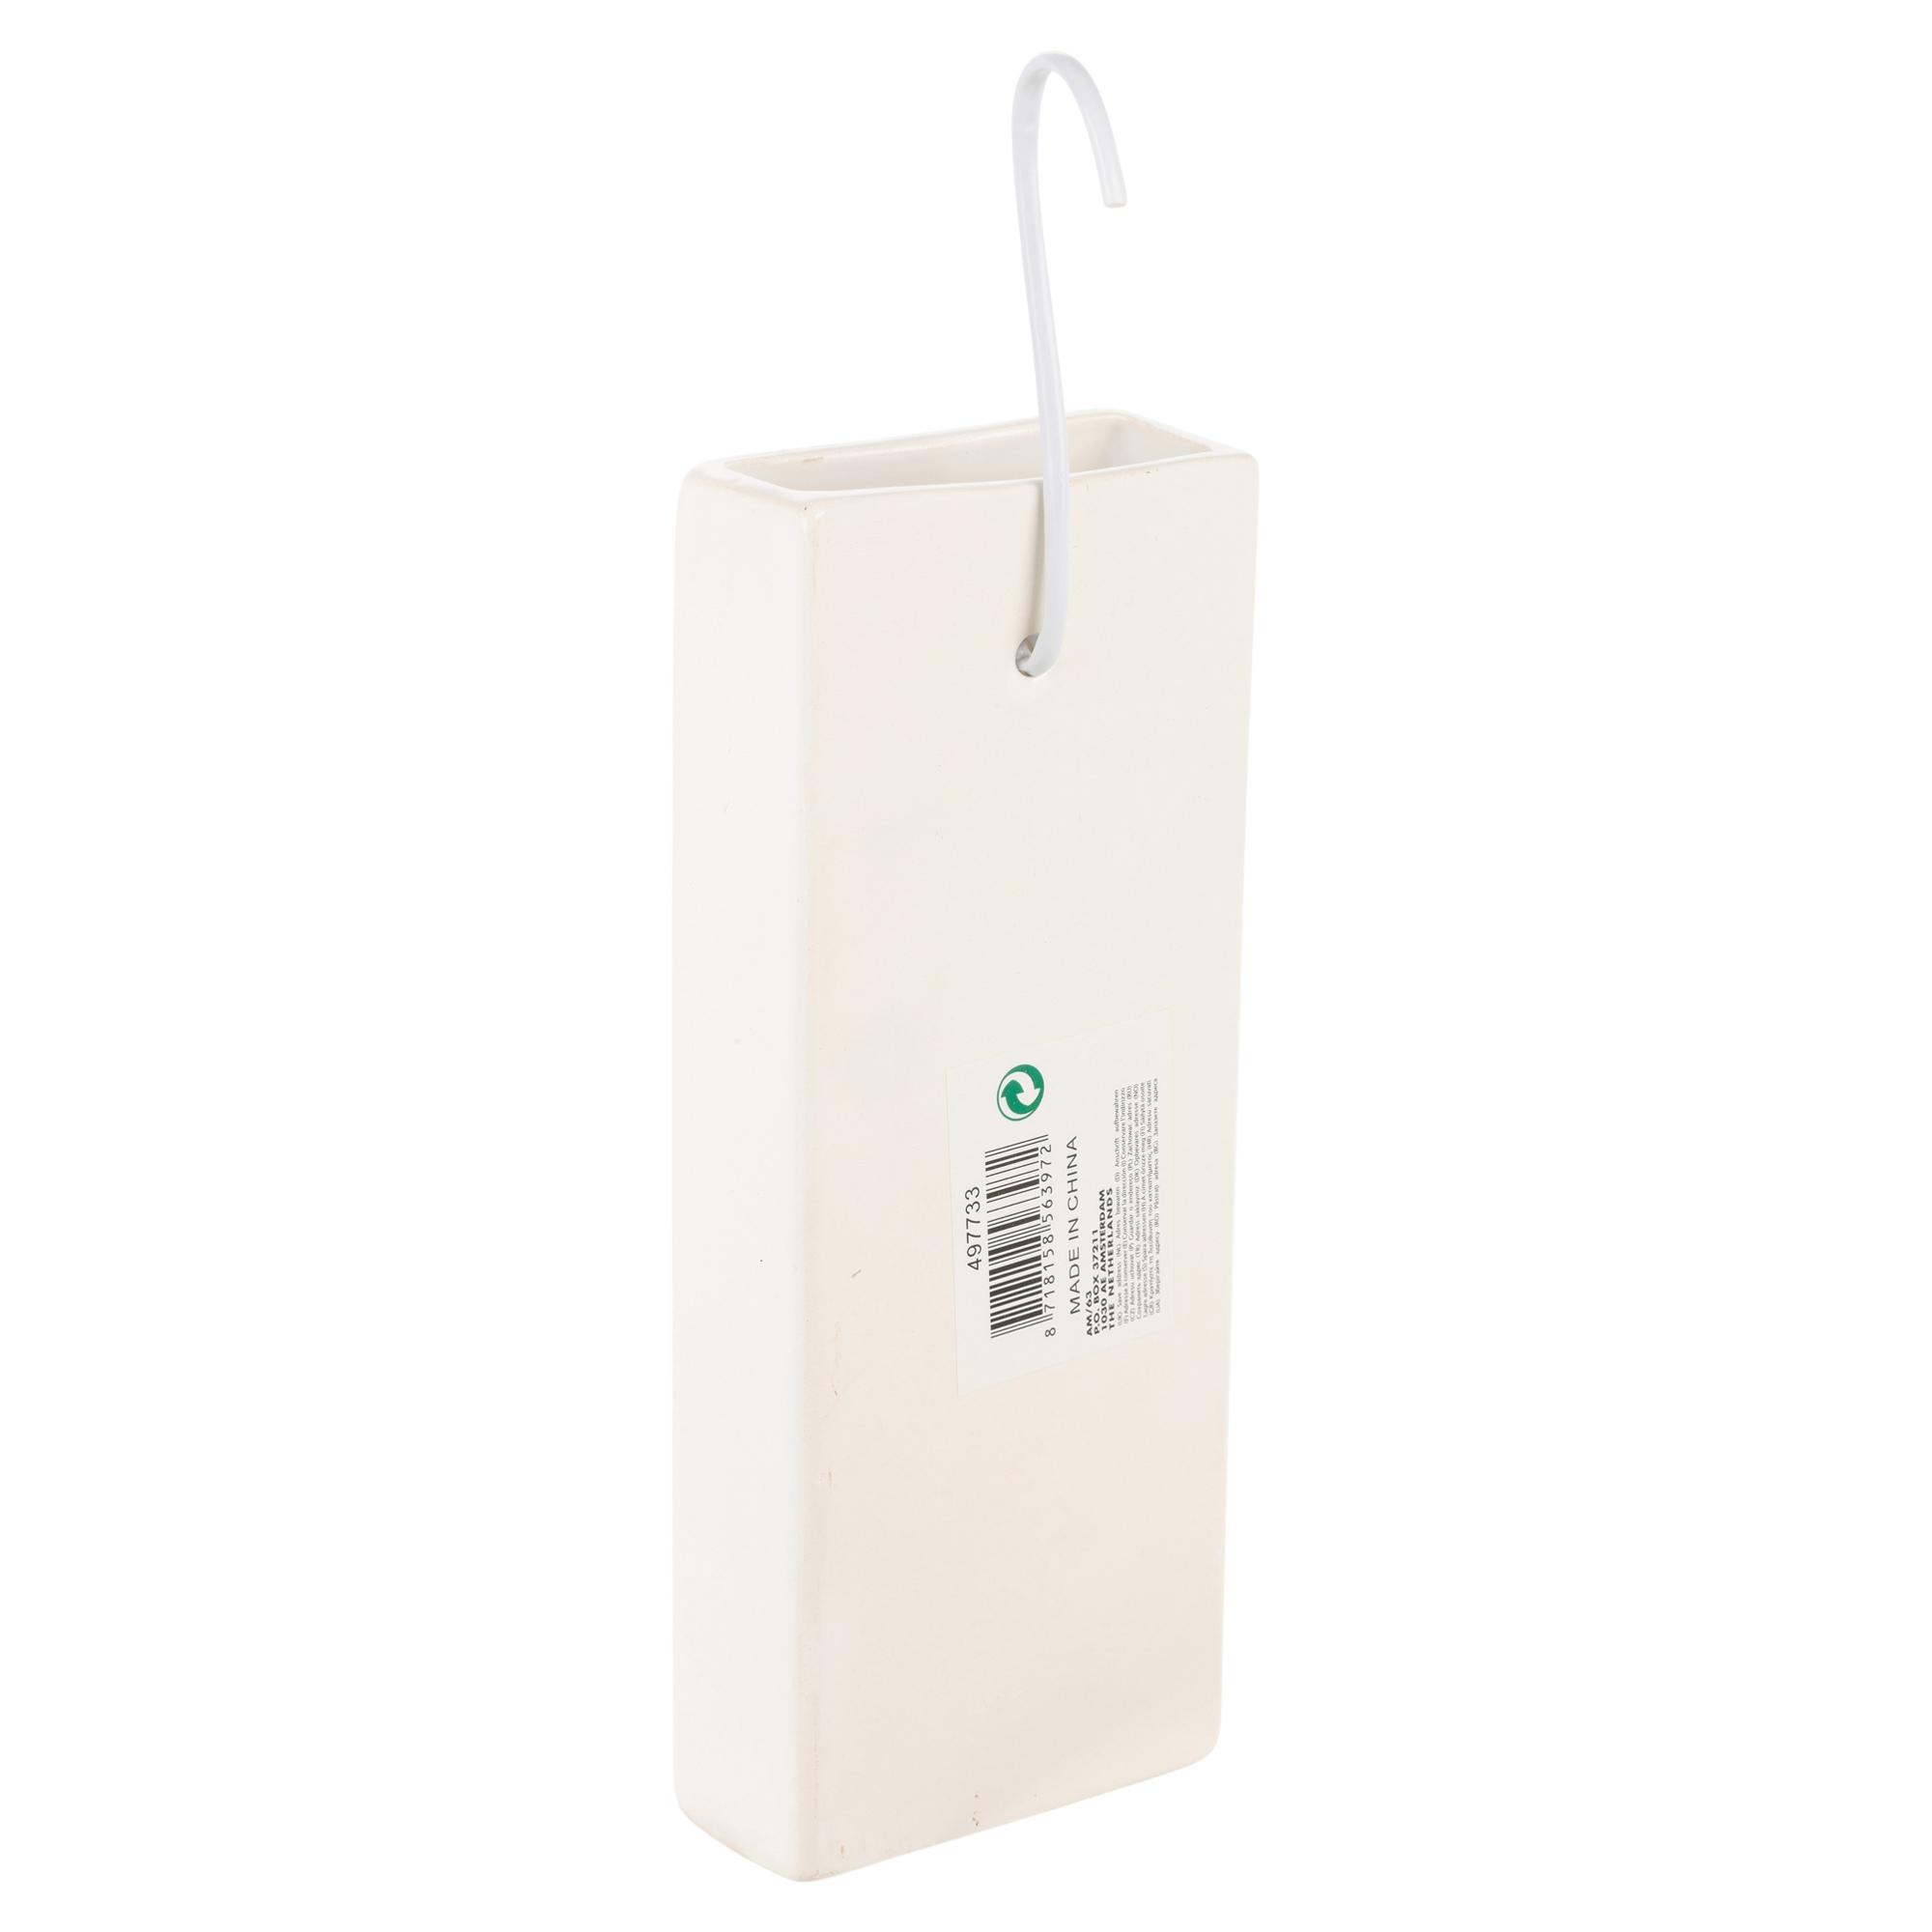 2x Acier Inoxydable Radiateur Suspendu Humidificateur Air Sec Humidité Humidité Contrôle